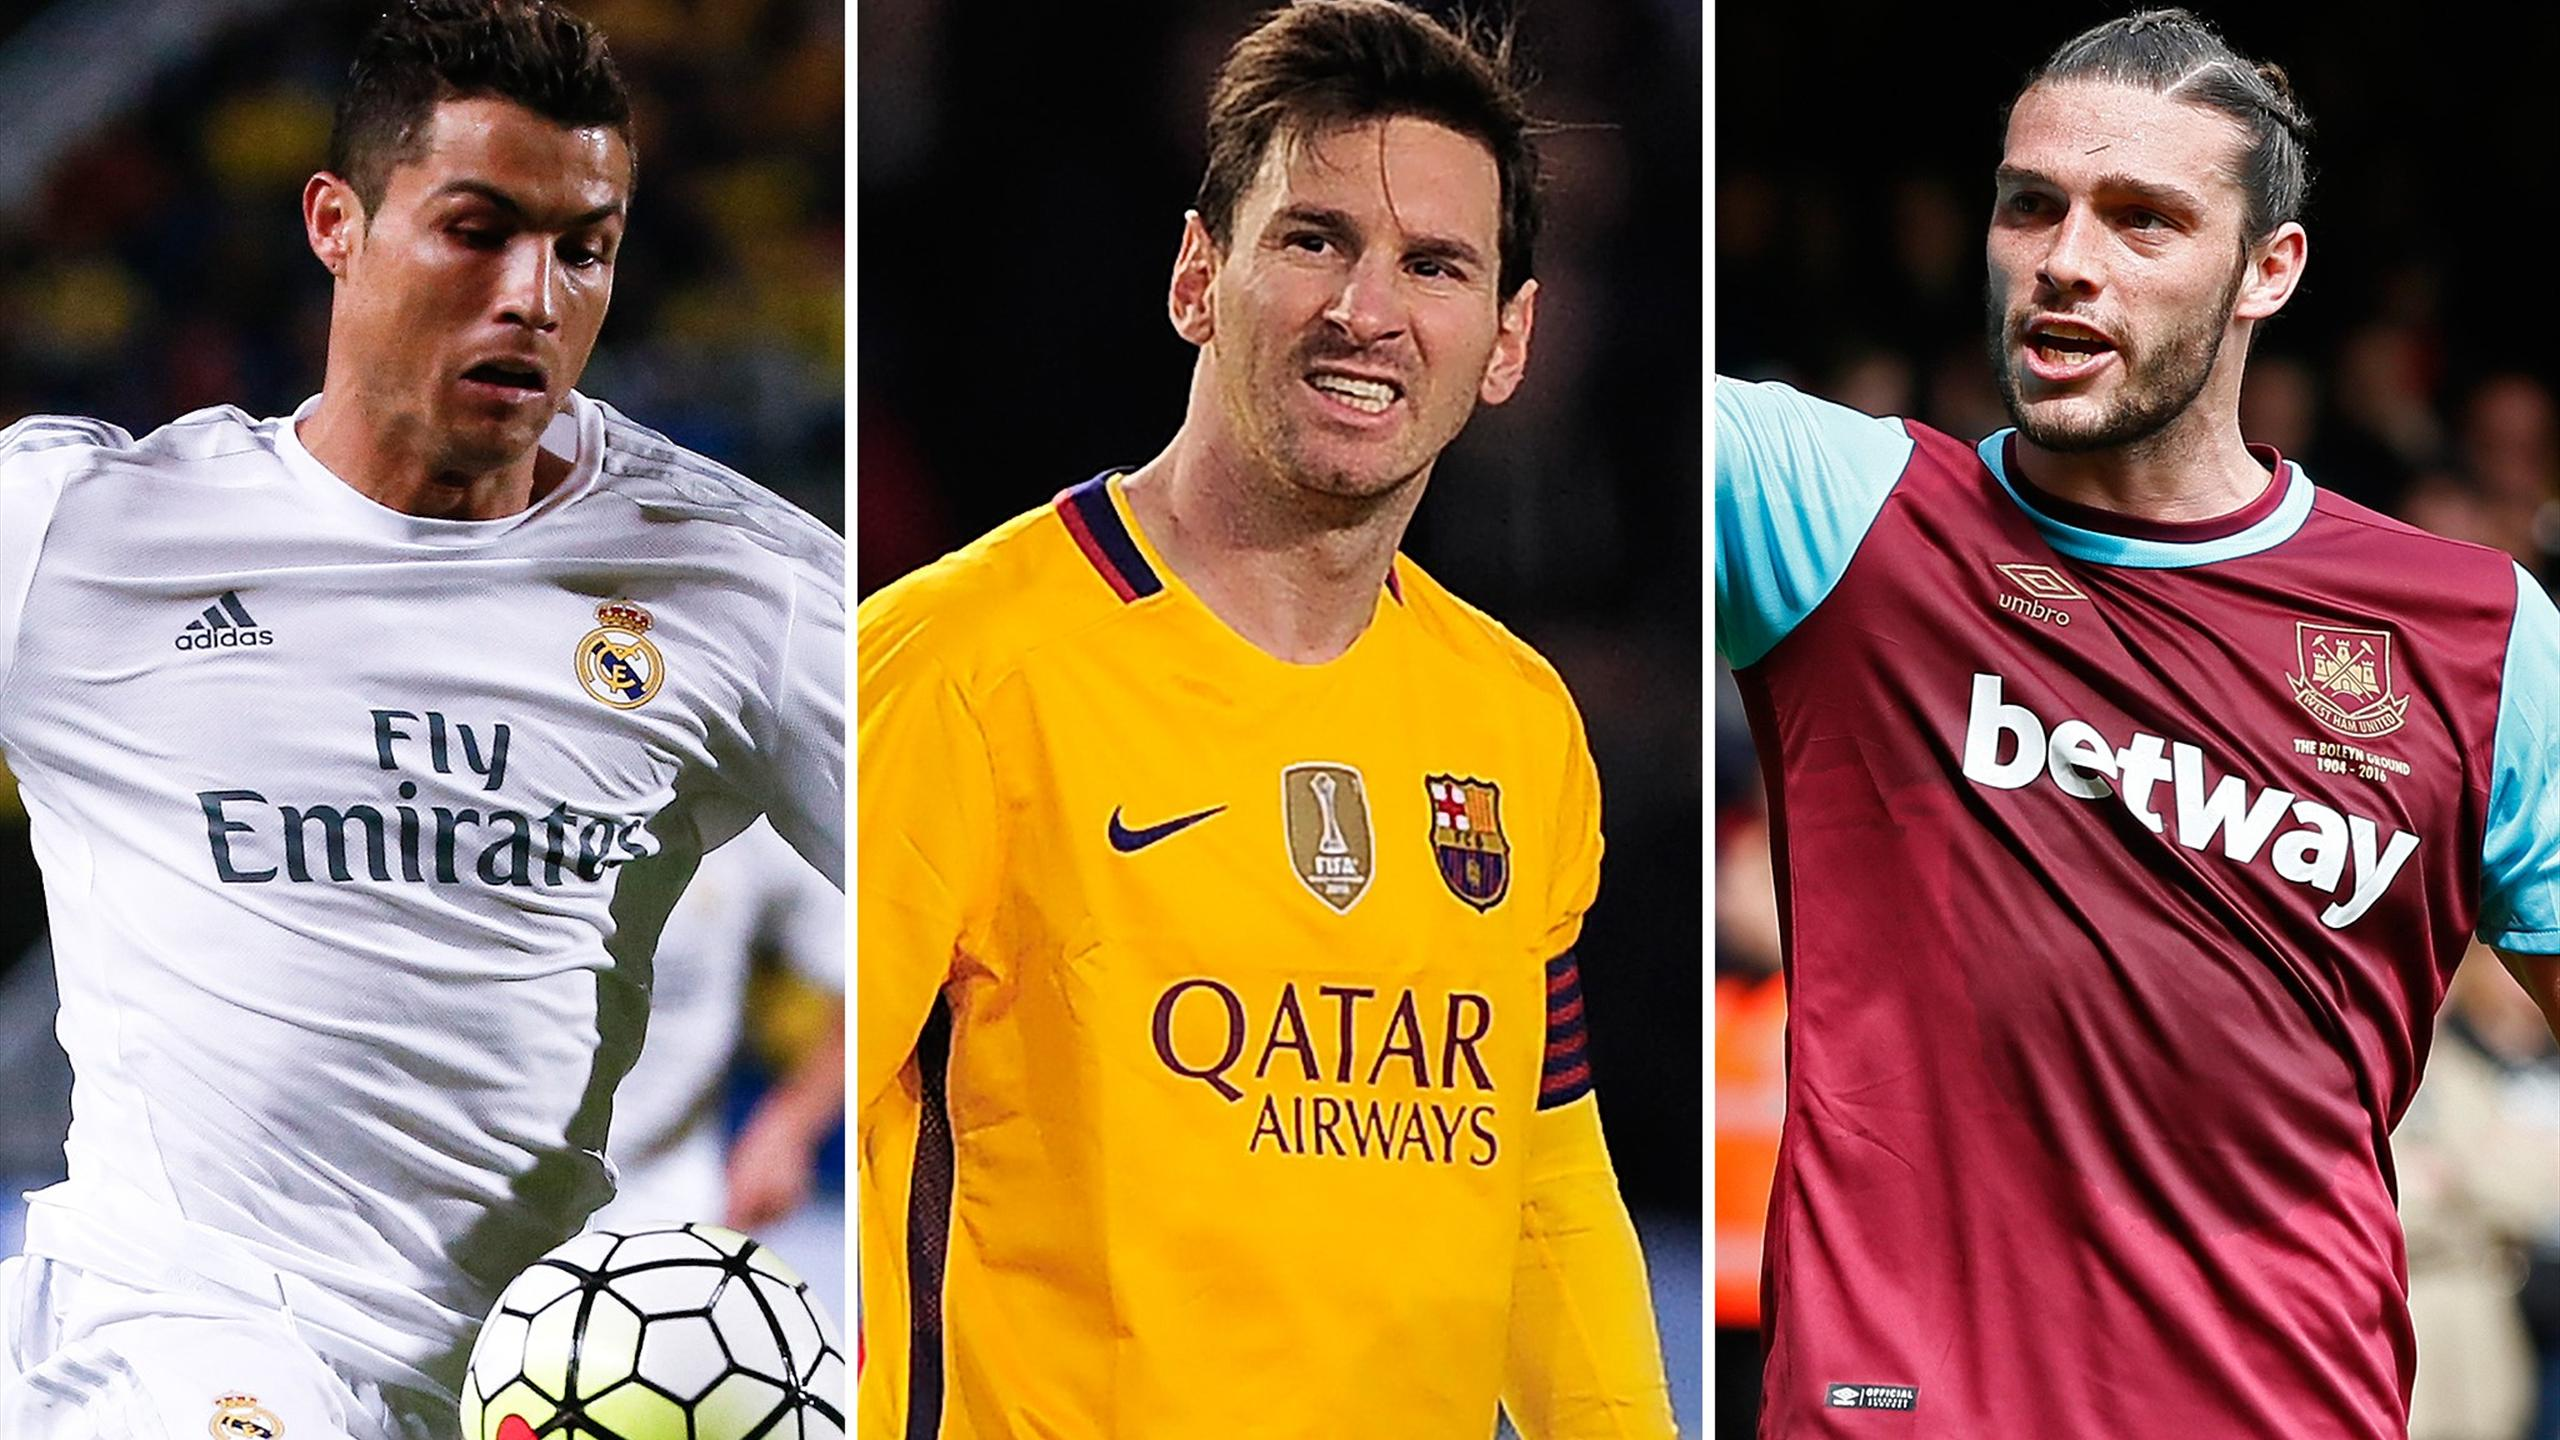 Cristiano Ronaldo, Lionel Messi, Andy Carroll